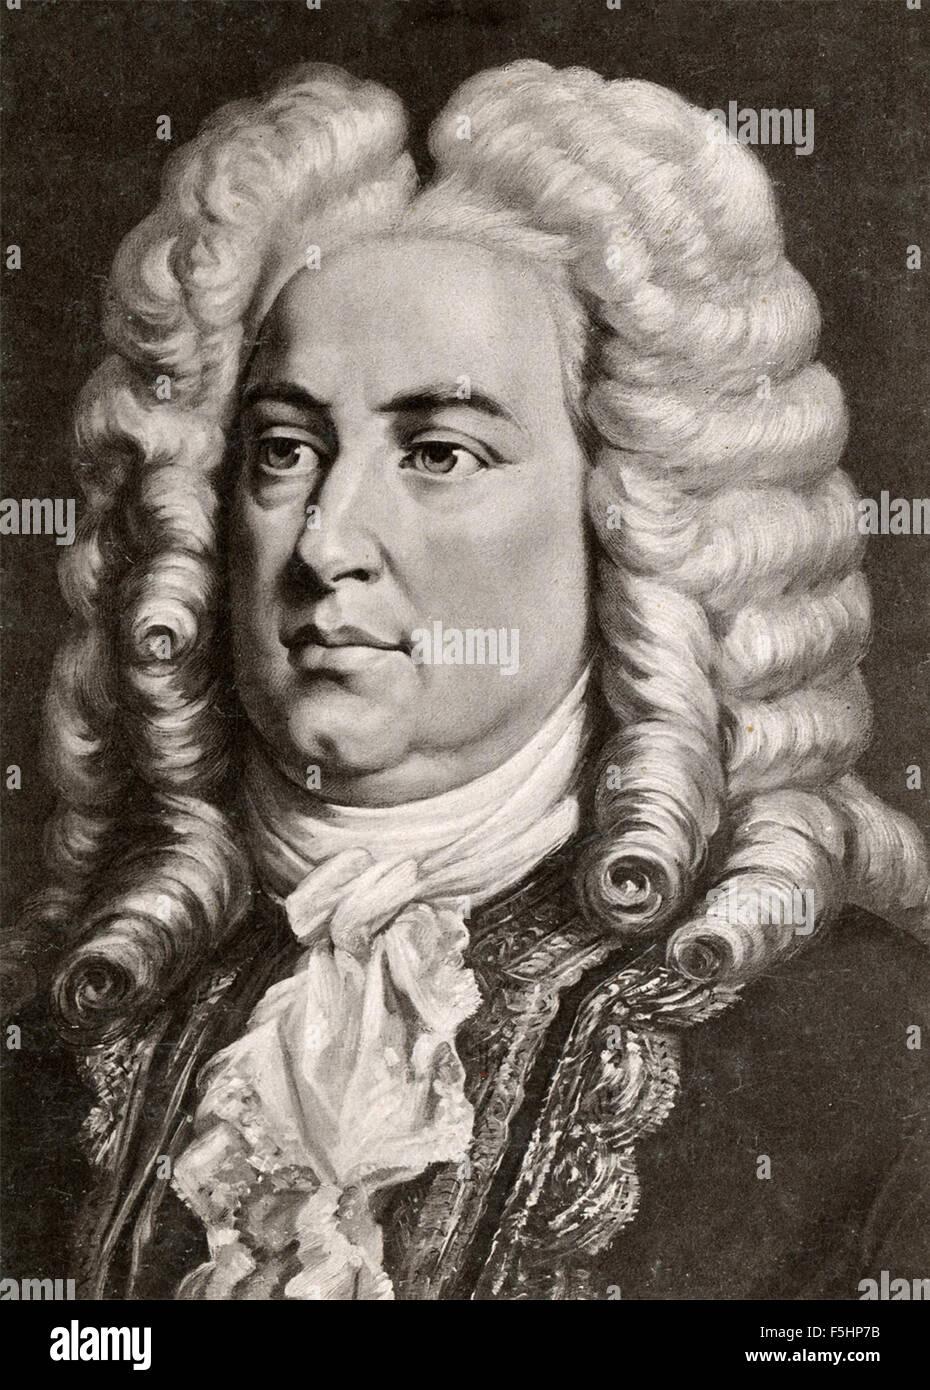 Porträt des deutschen Komponisten Georg Friedrich Händel Stockbild